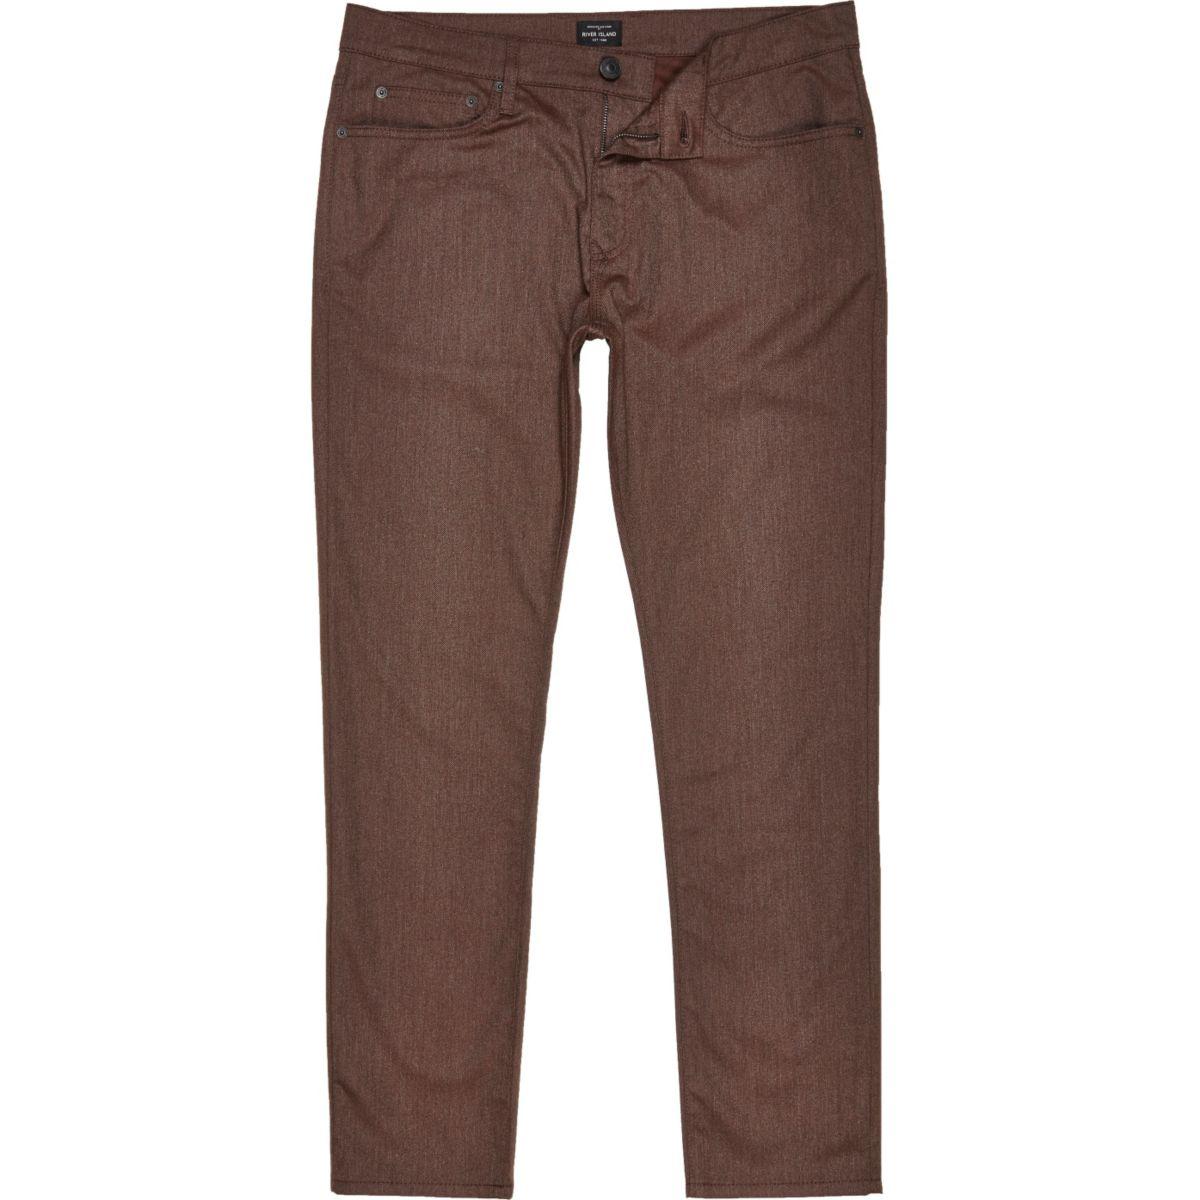 Schmale braune Hose mit fünf Taschen